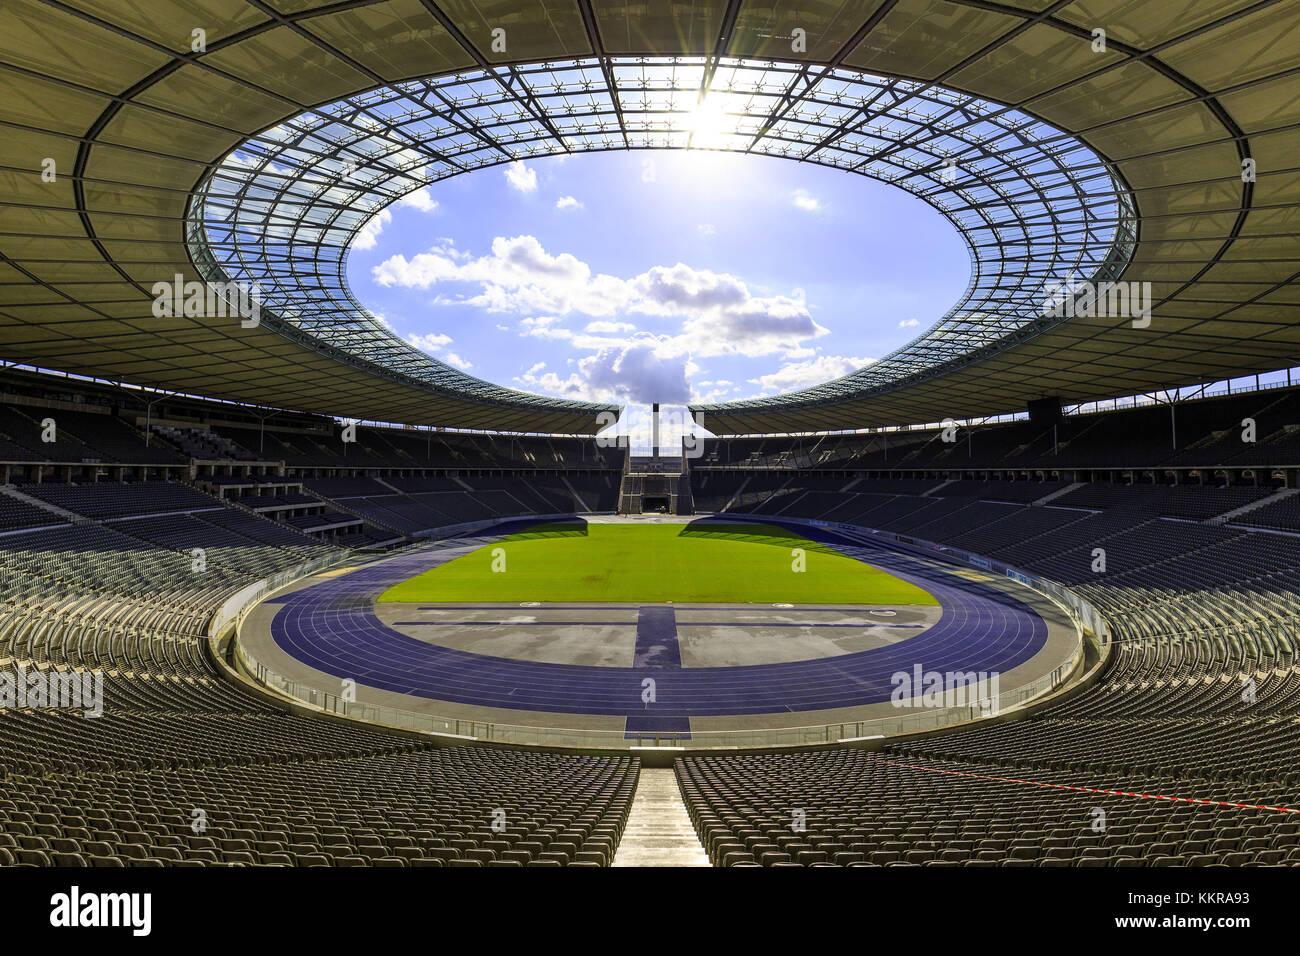 El Olympiastadion Berlin es un estadio deportivo en Berlín, Alemania. Fue originalmente construido para los Juegos Olímpicos de Verano de 1936 por Werner March. Durante los Juegos Olímpicos, se pensó que la asistencia récord era de más de 100,000. Hoy el estadio forma parte del Olympiapark de Berlín. Foto de stock